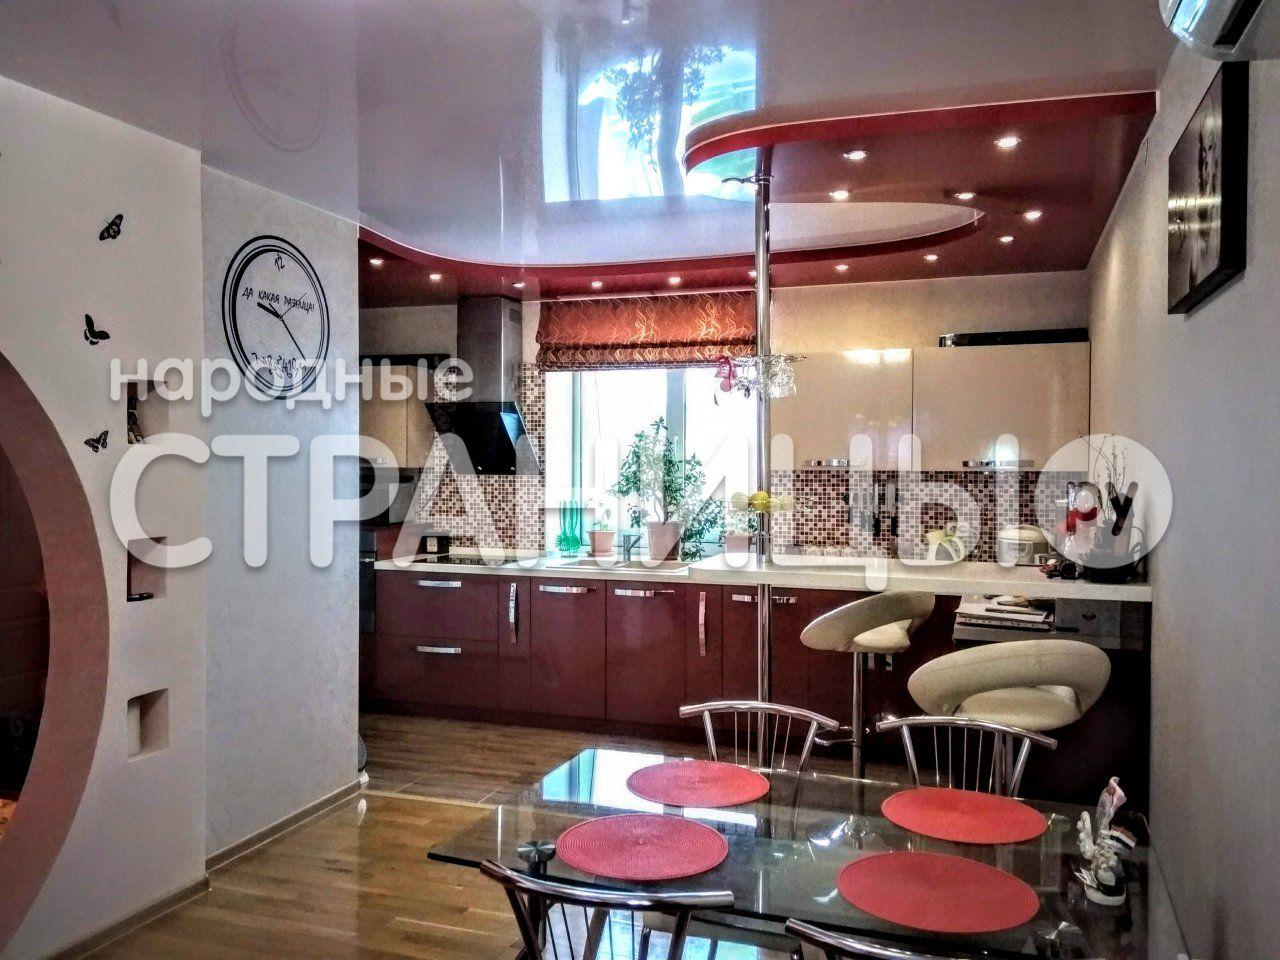 3 - комнатная квартира, 92.0 м²,  3/3 эт. Кирпичный дом